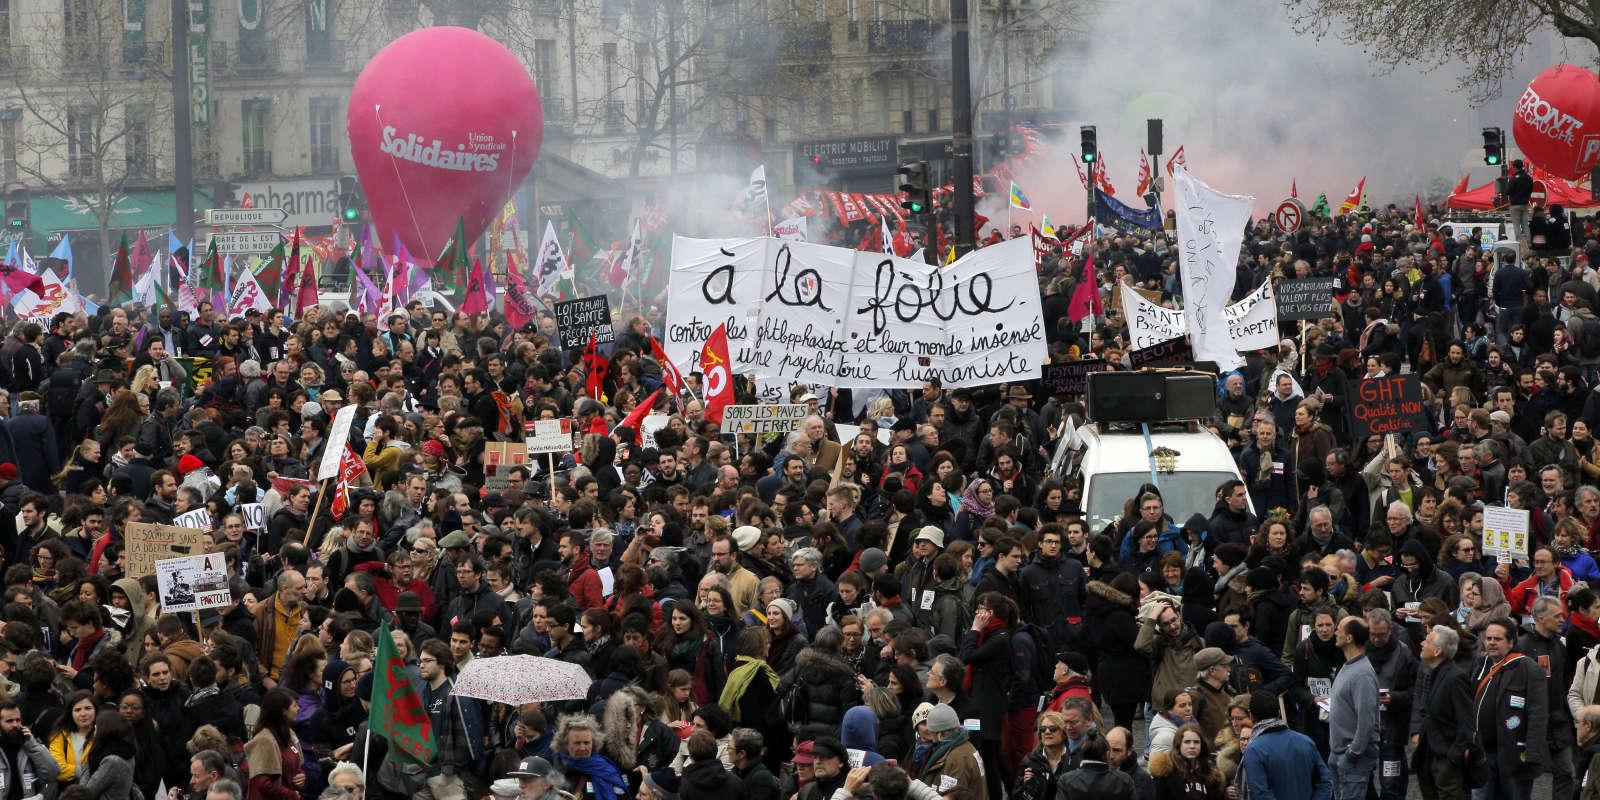 La sixième journée de mobilisation en un mois a lieu, samedi, attirant moins de personnes que la précédente. Entre 19 000 et 110 000 personnes ont défilé à Paris.